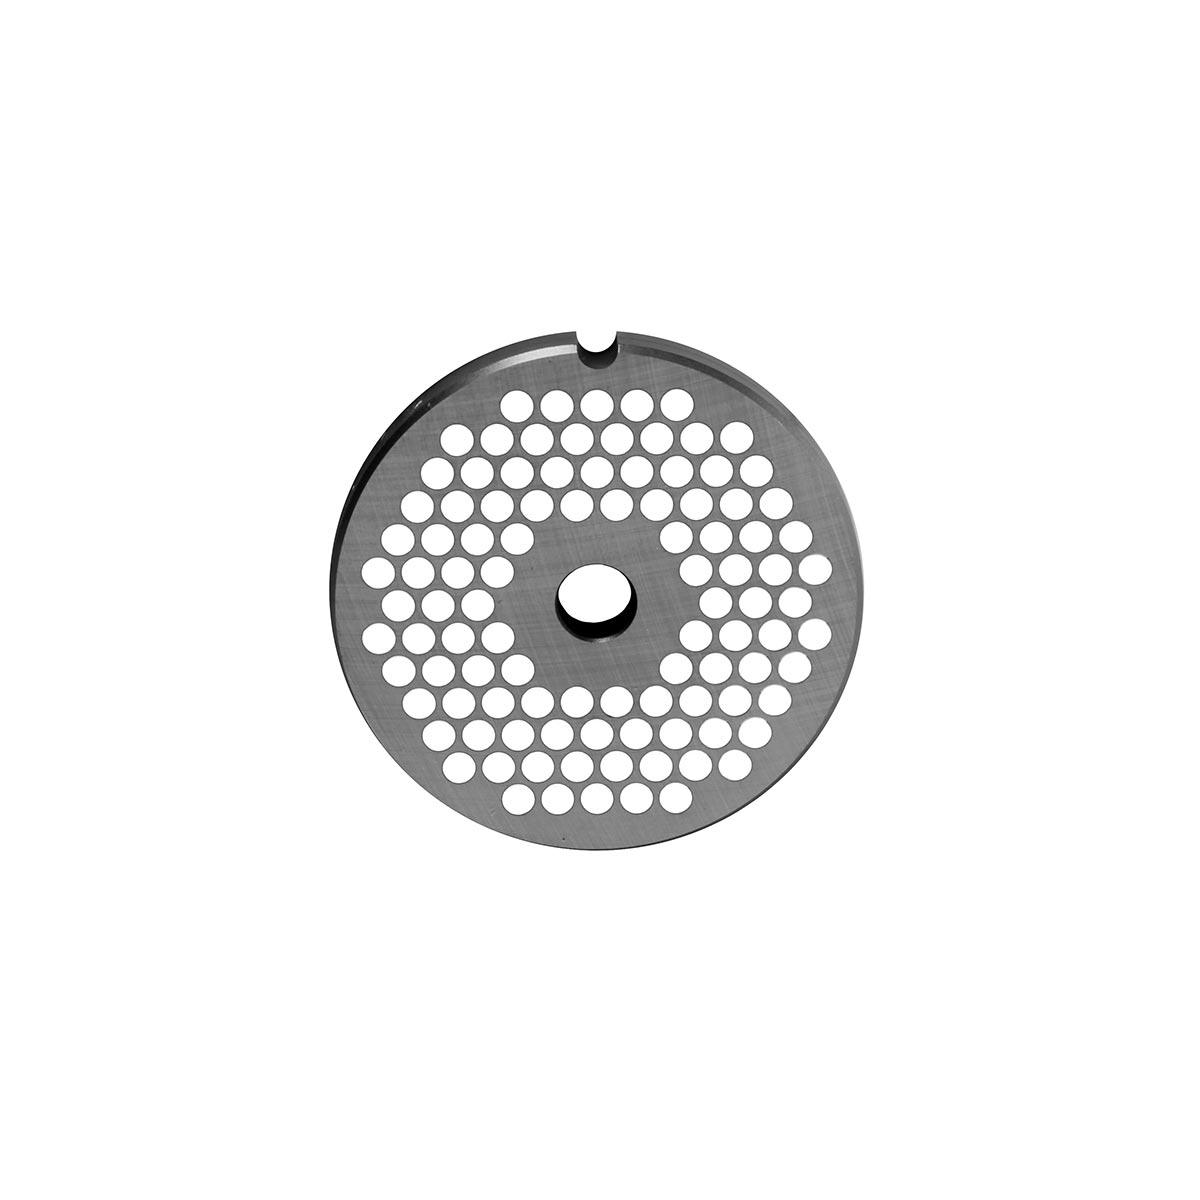 4900-02 Alfa International 12 3/16 HBLS meat grinder plate